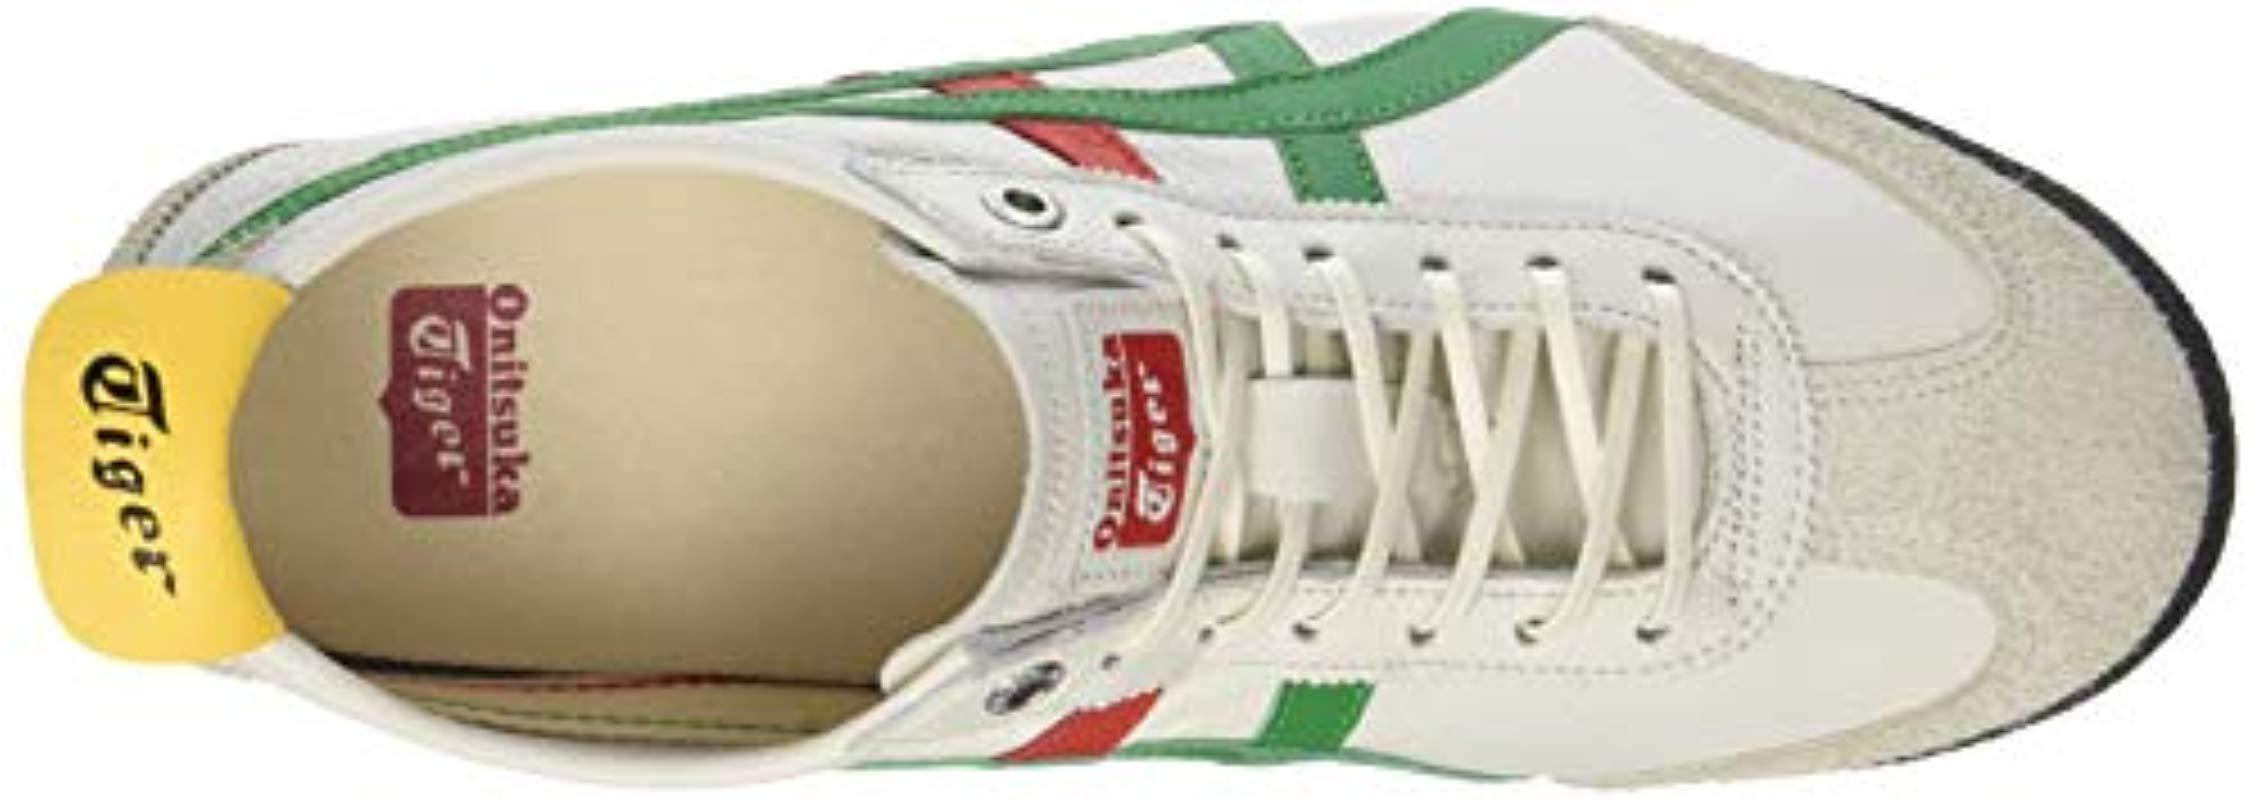 Asics Unisex Erwachsene Onitsuka Tiger Mexico 66 Sd Sneaker in Green für Herren